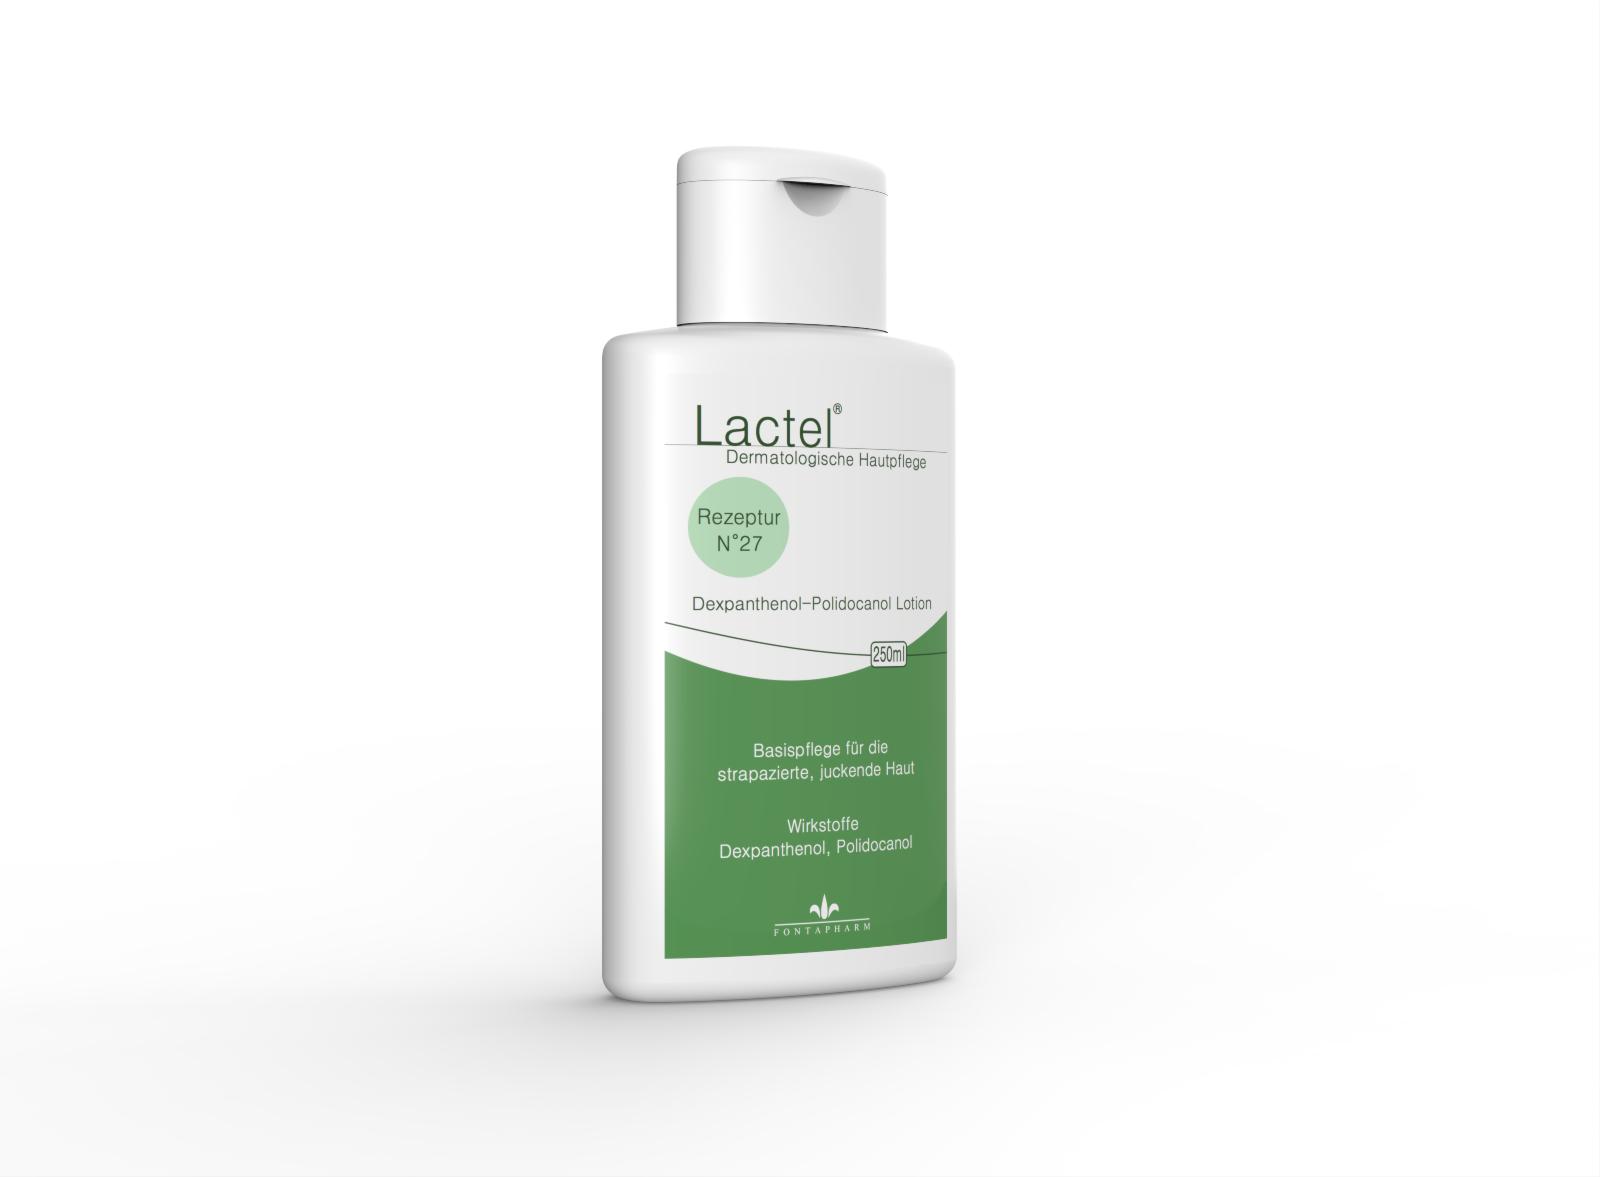 Lactel N° 27 die Körperlotion für die juckende, strapazierte Haut Haut mit 5% Dexpanthenol und 3% Polidocanol